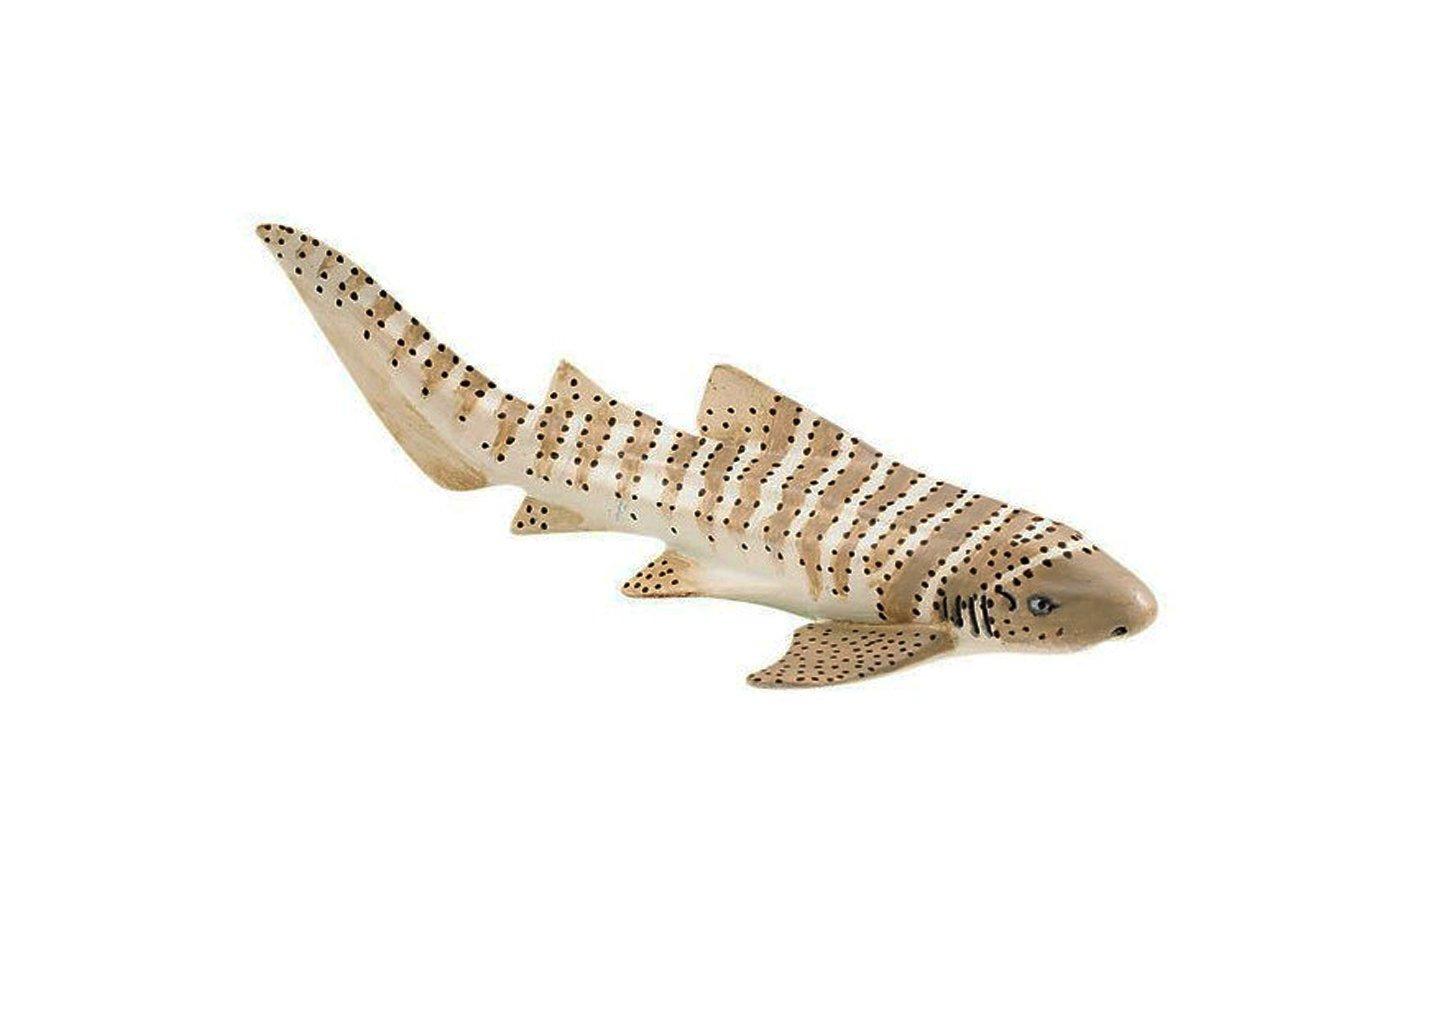 动物模型 斑马鲨 海洋生物模型玩具